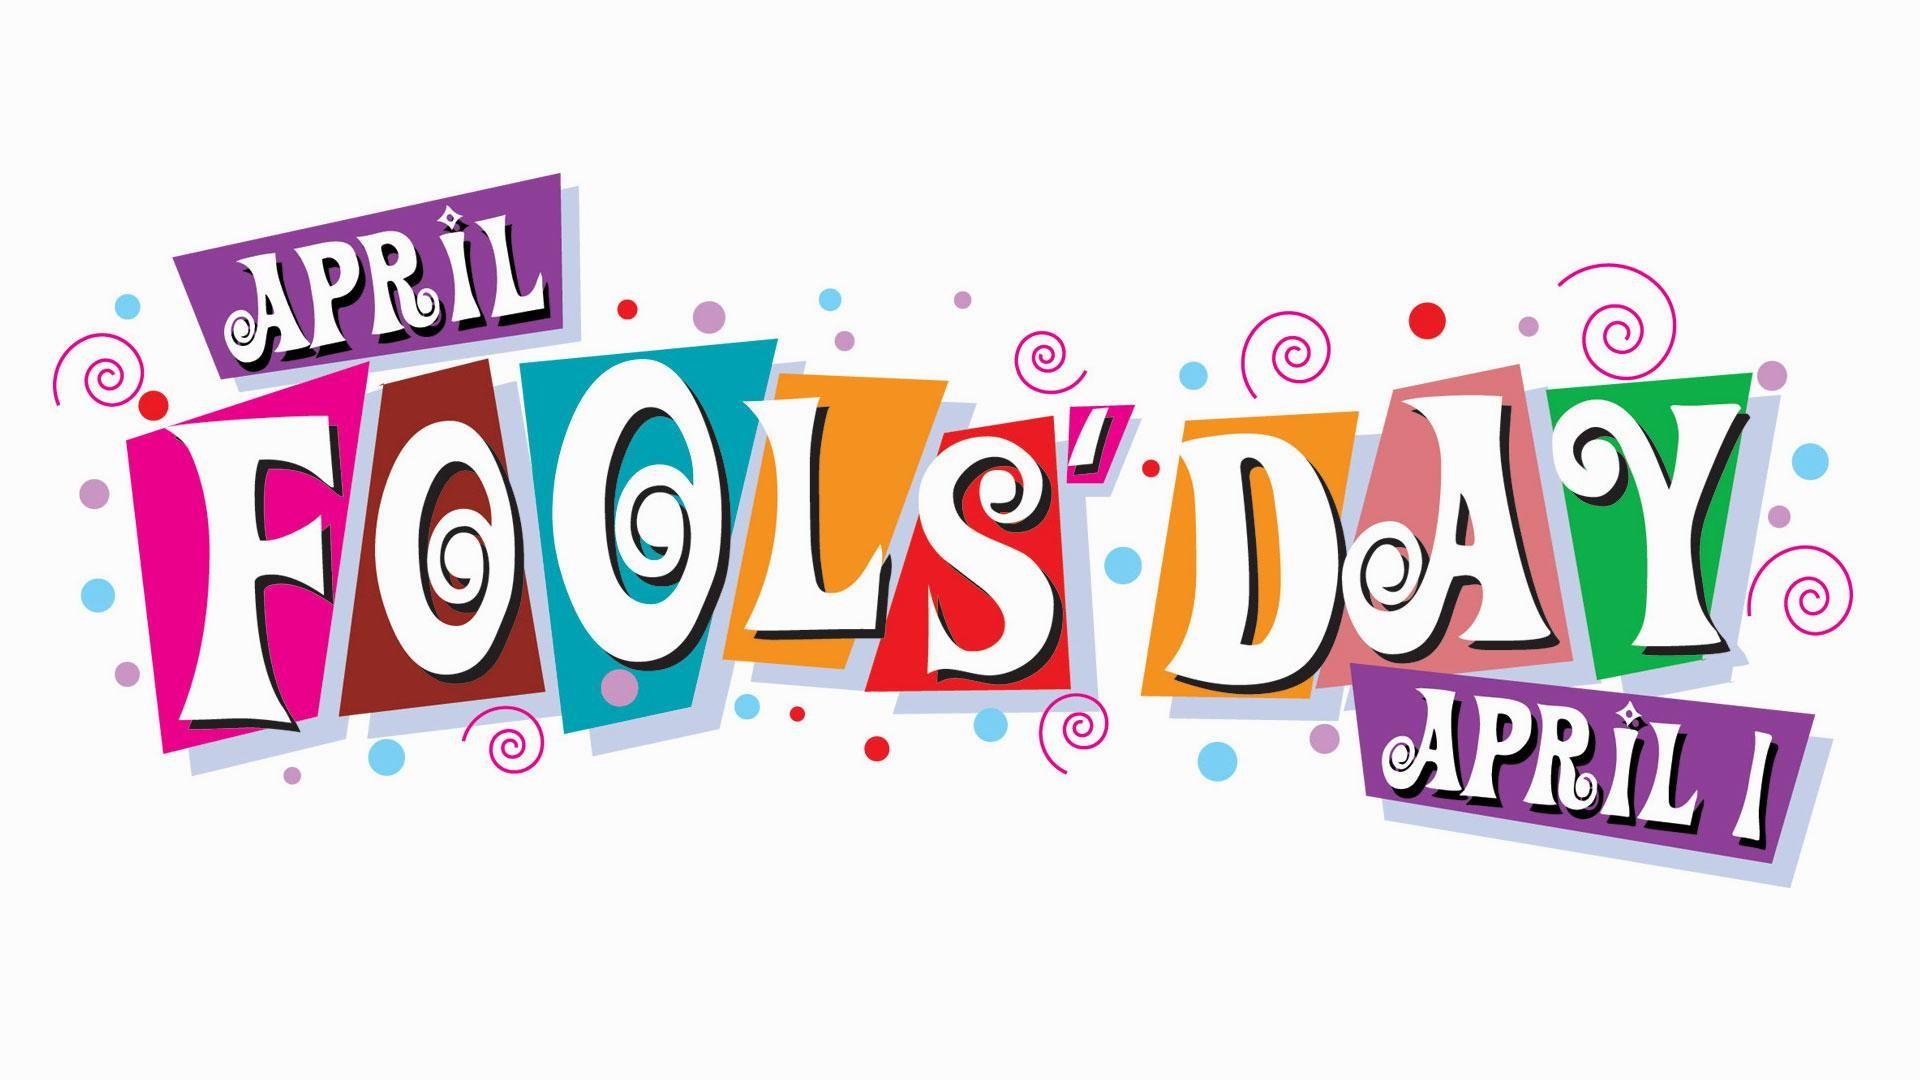 April Fools Day Image For April 2020 Digital Signage